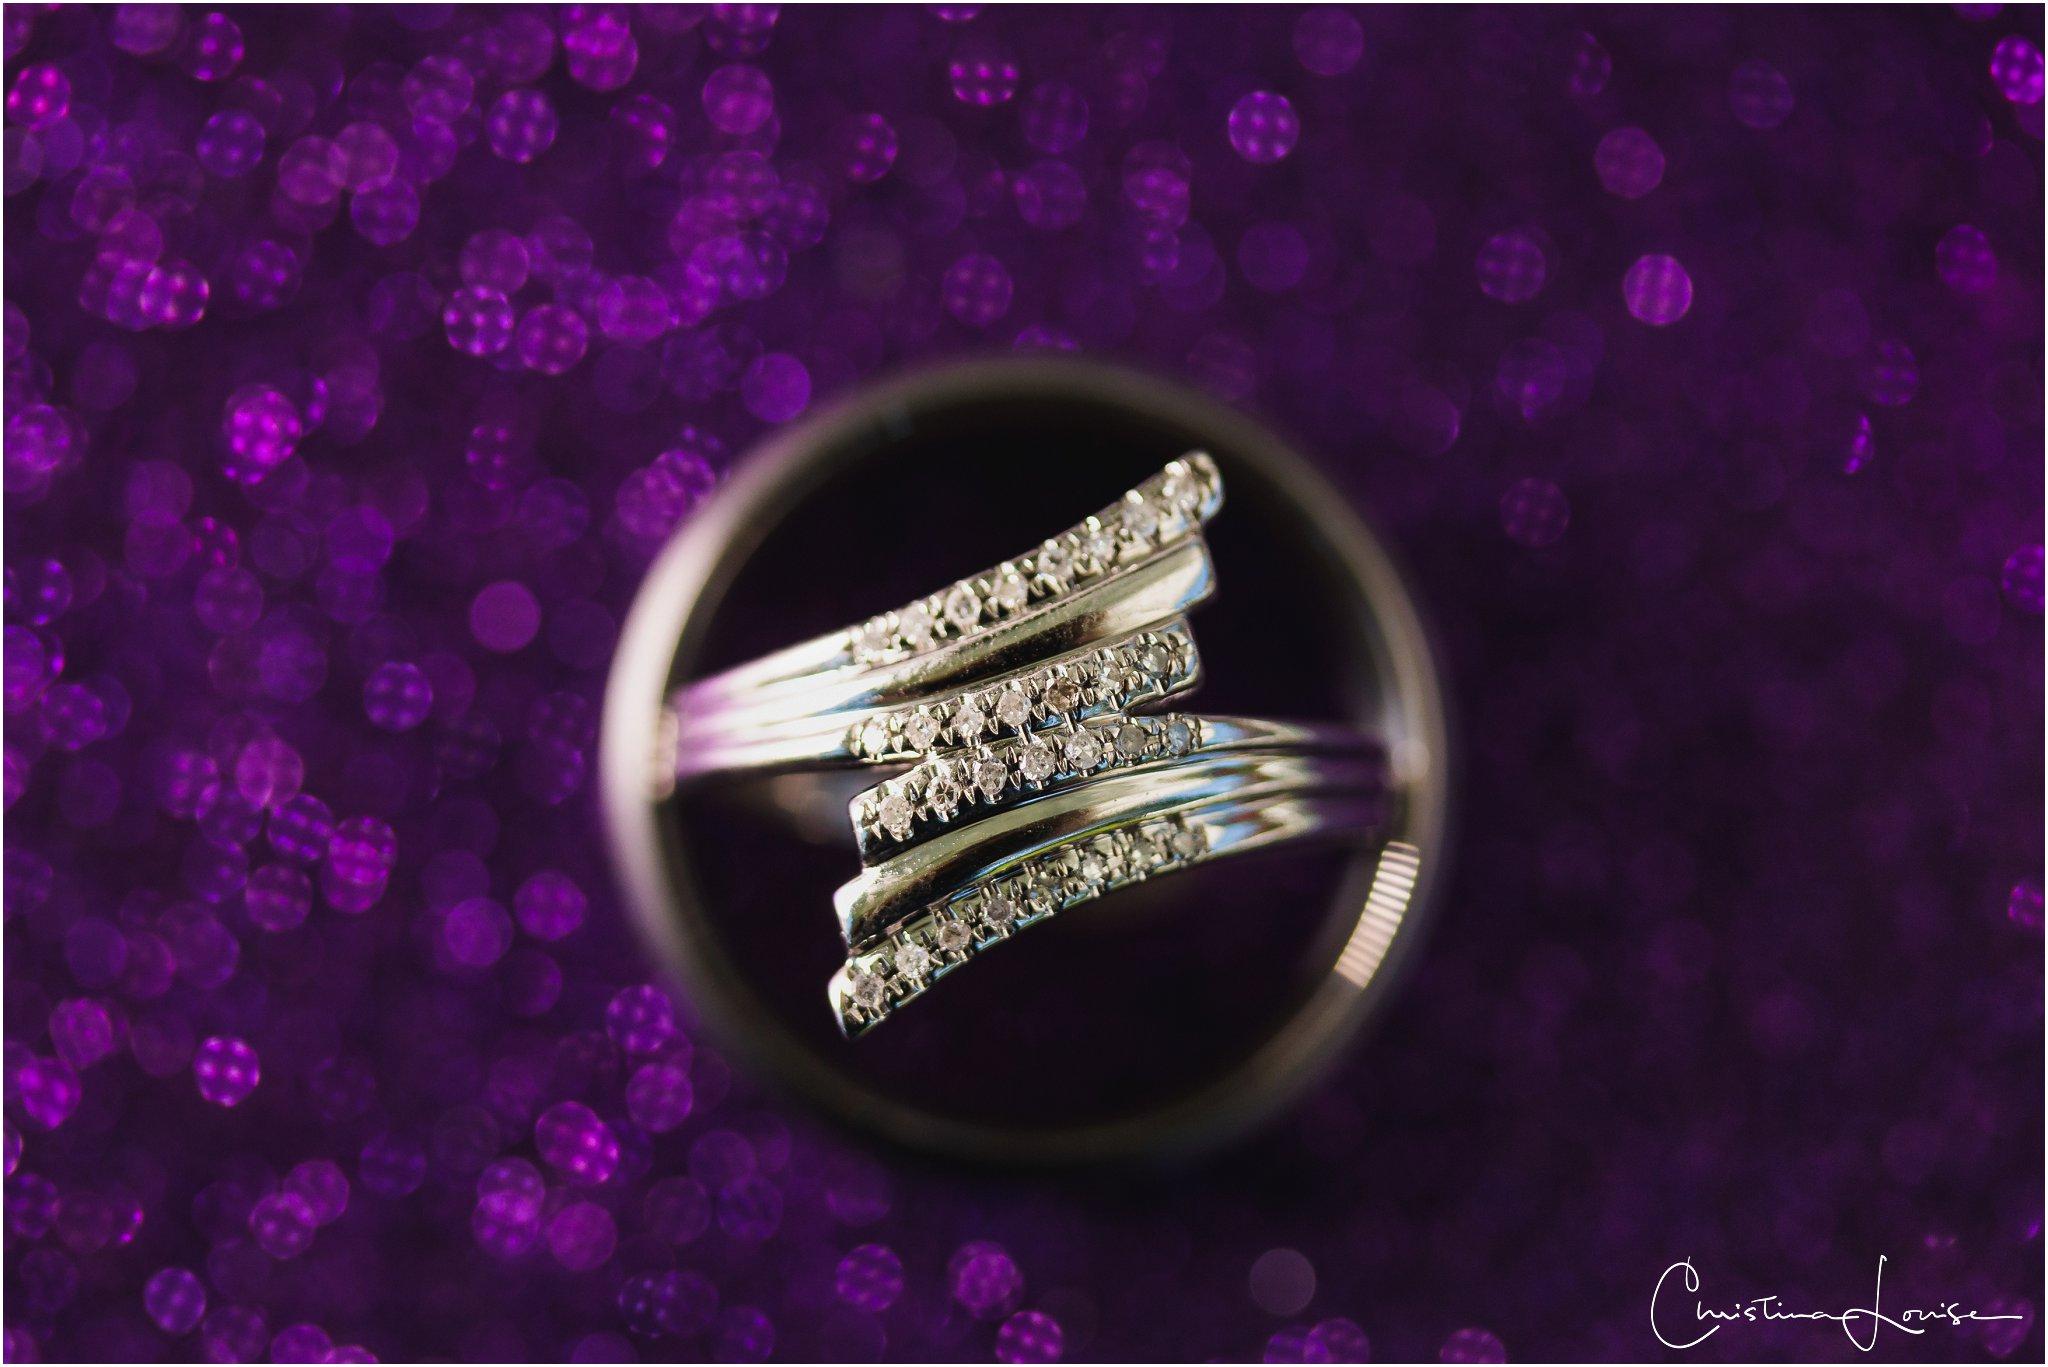 bokeh_ring_shot_purple.jpg